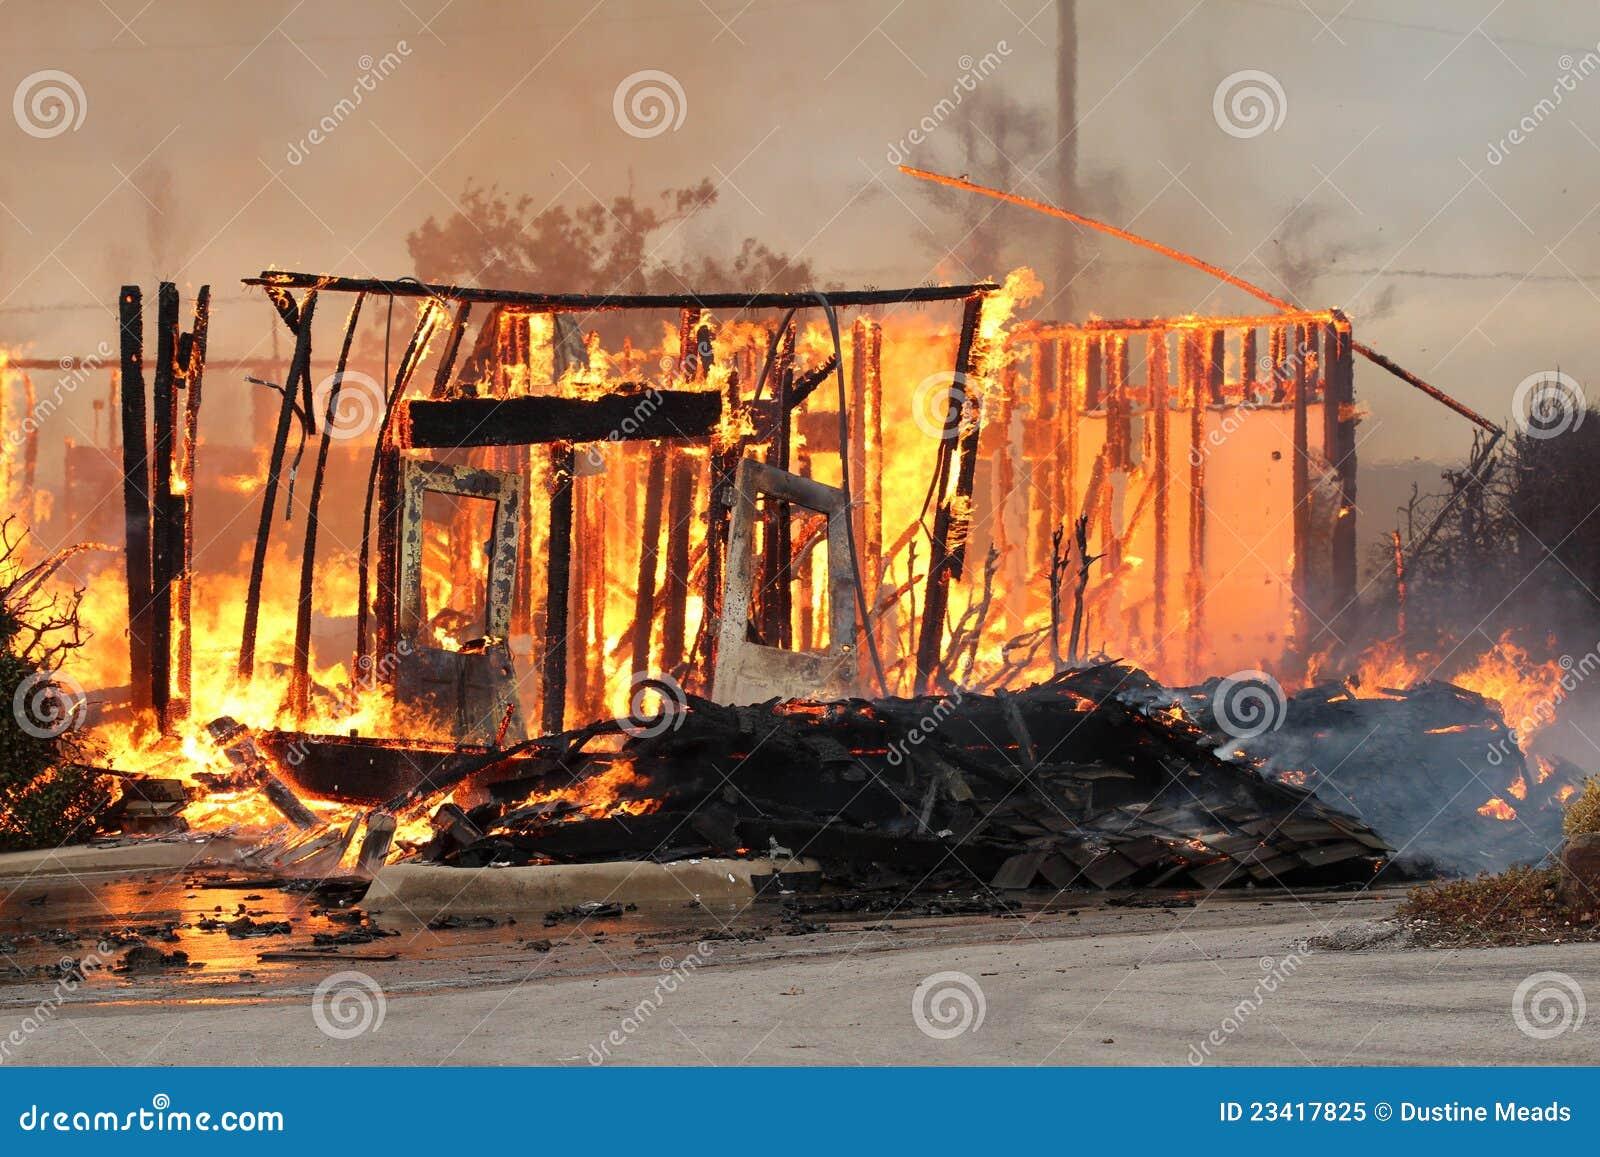 Die brennenden Überreste eines Haus-Feuers